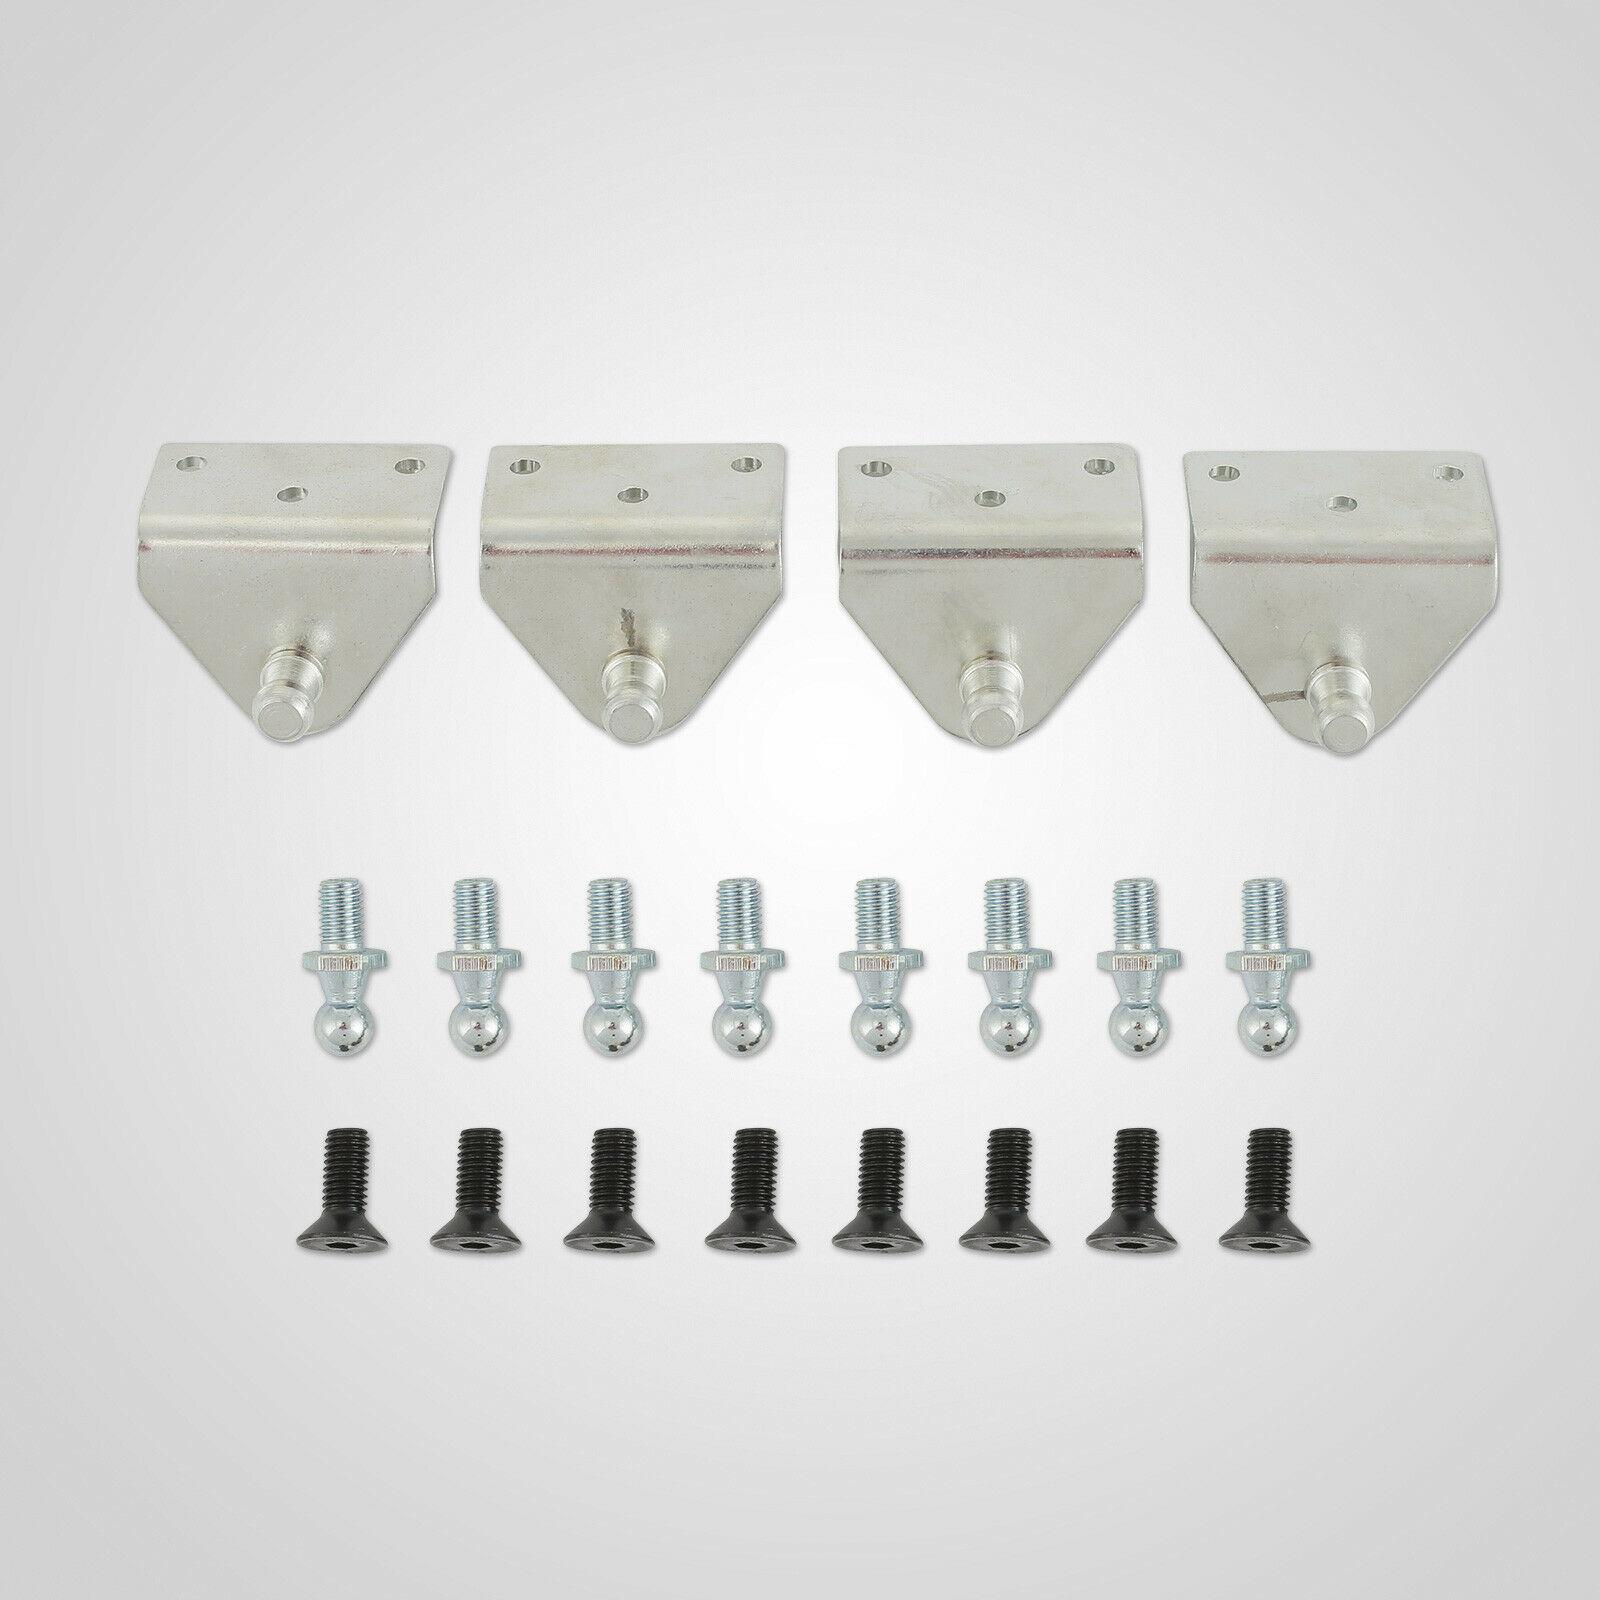 Universal Lambo Door Kit 90 DEGREE UNIVERSAL DOOR HINGE KIT DOOR KIT enlarge